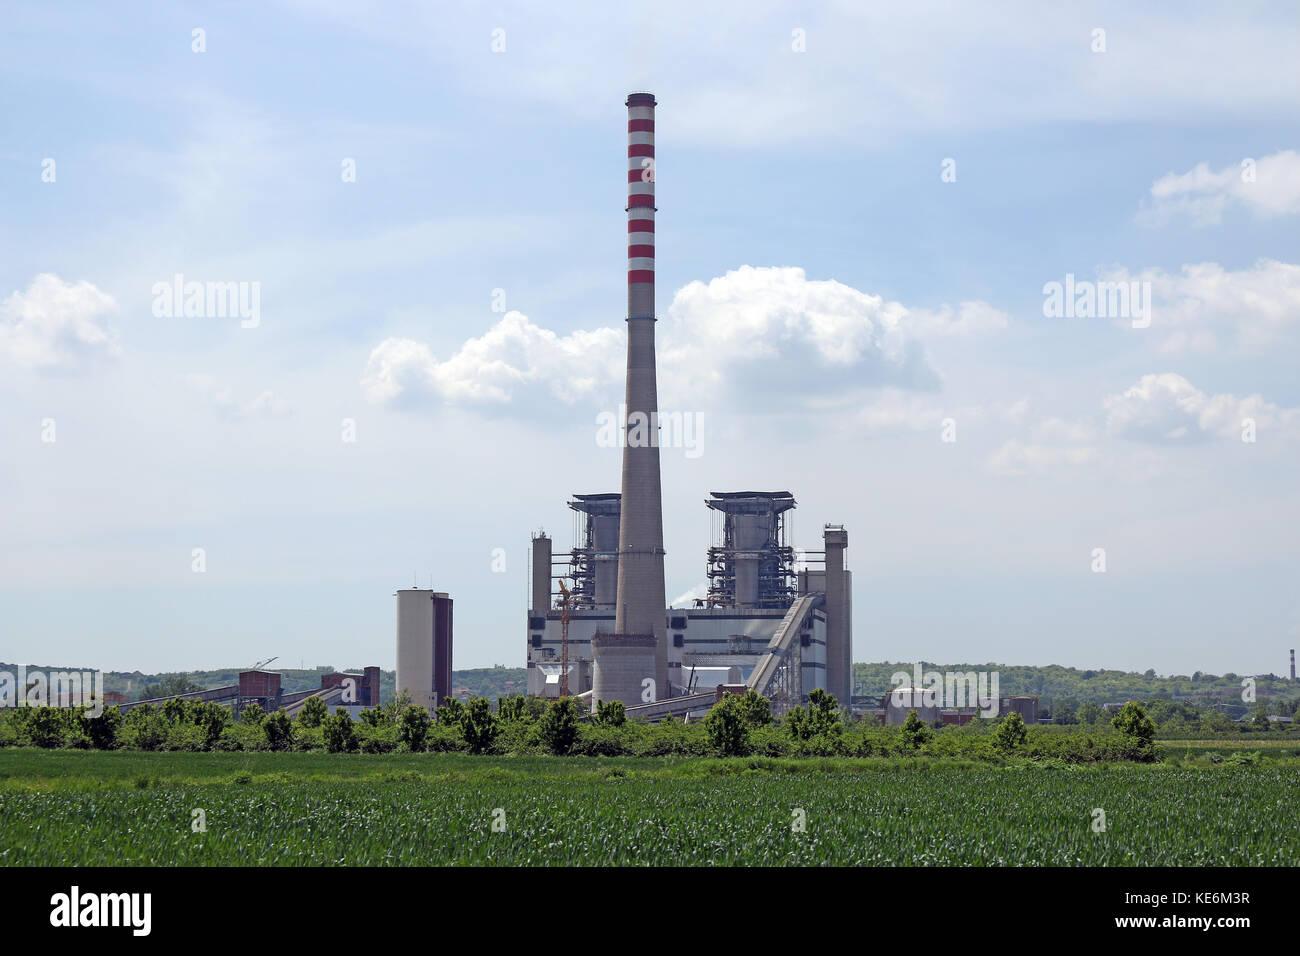 Centrale termoelettrica di potenza e energia industria Immagini Stock